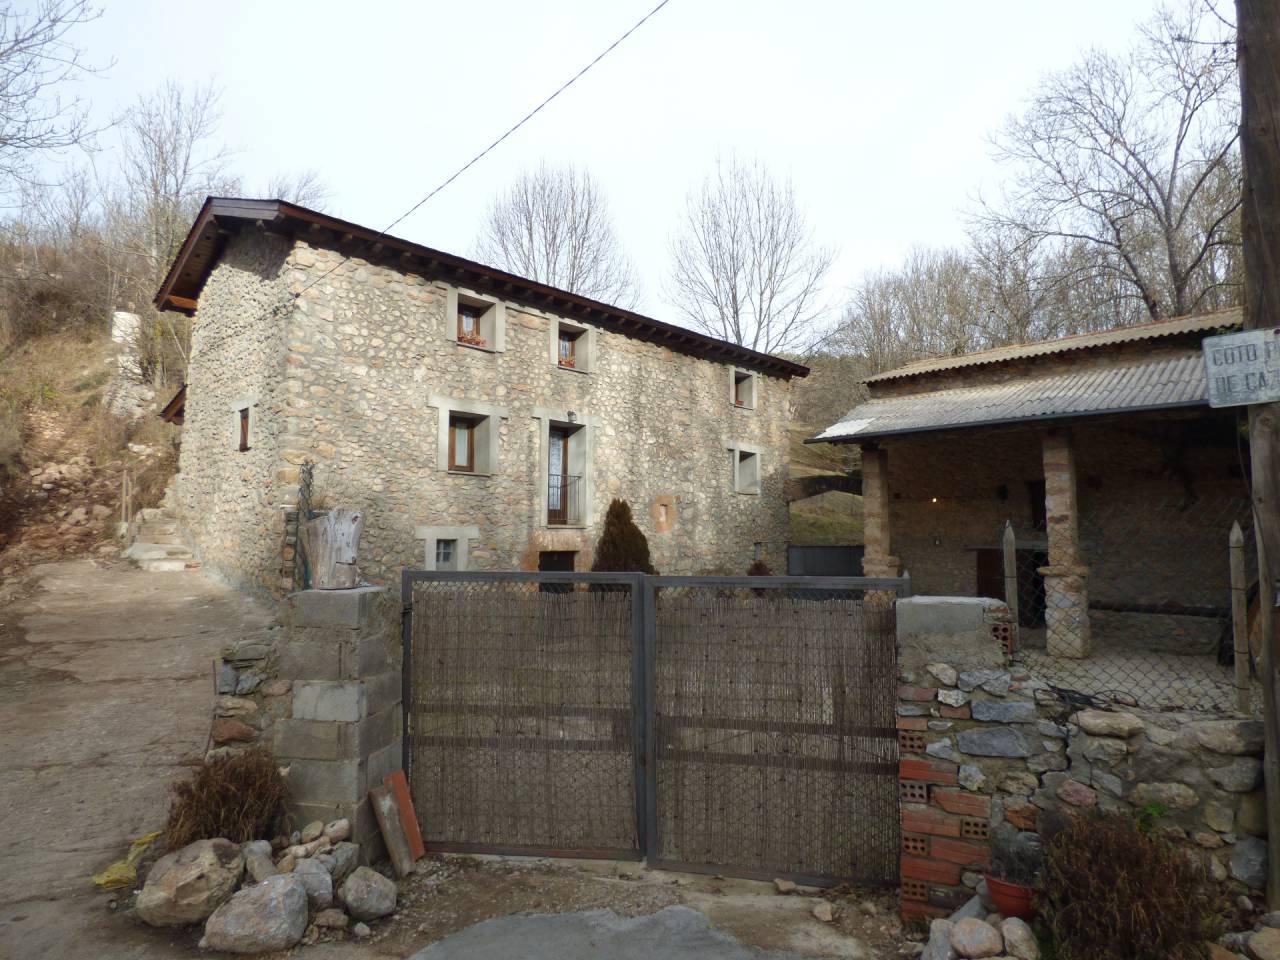 Lloguer Casa  Calle carretera d´urus. Preciosa casa a riu de cerdanya. casa de poble amb un magnific